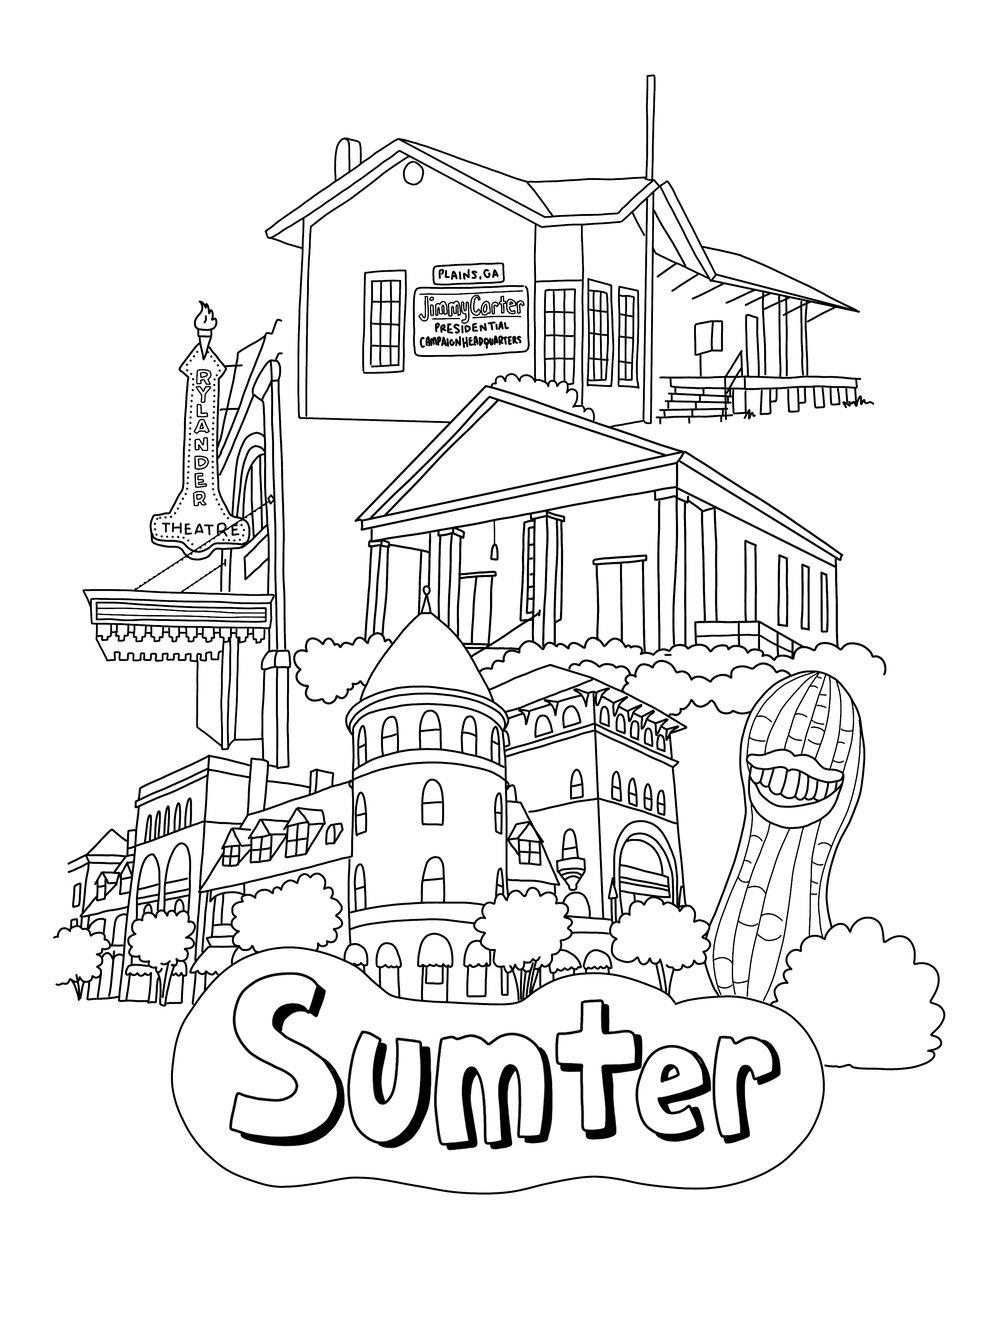 Sumter.jpg